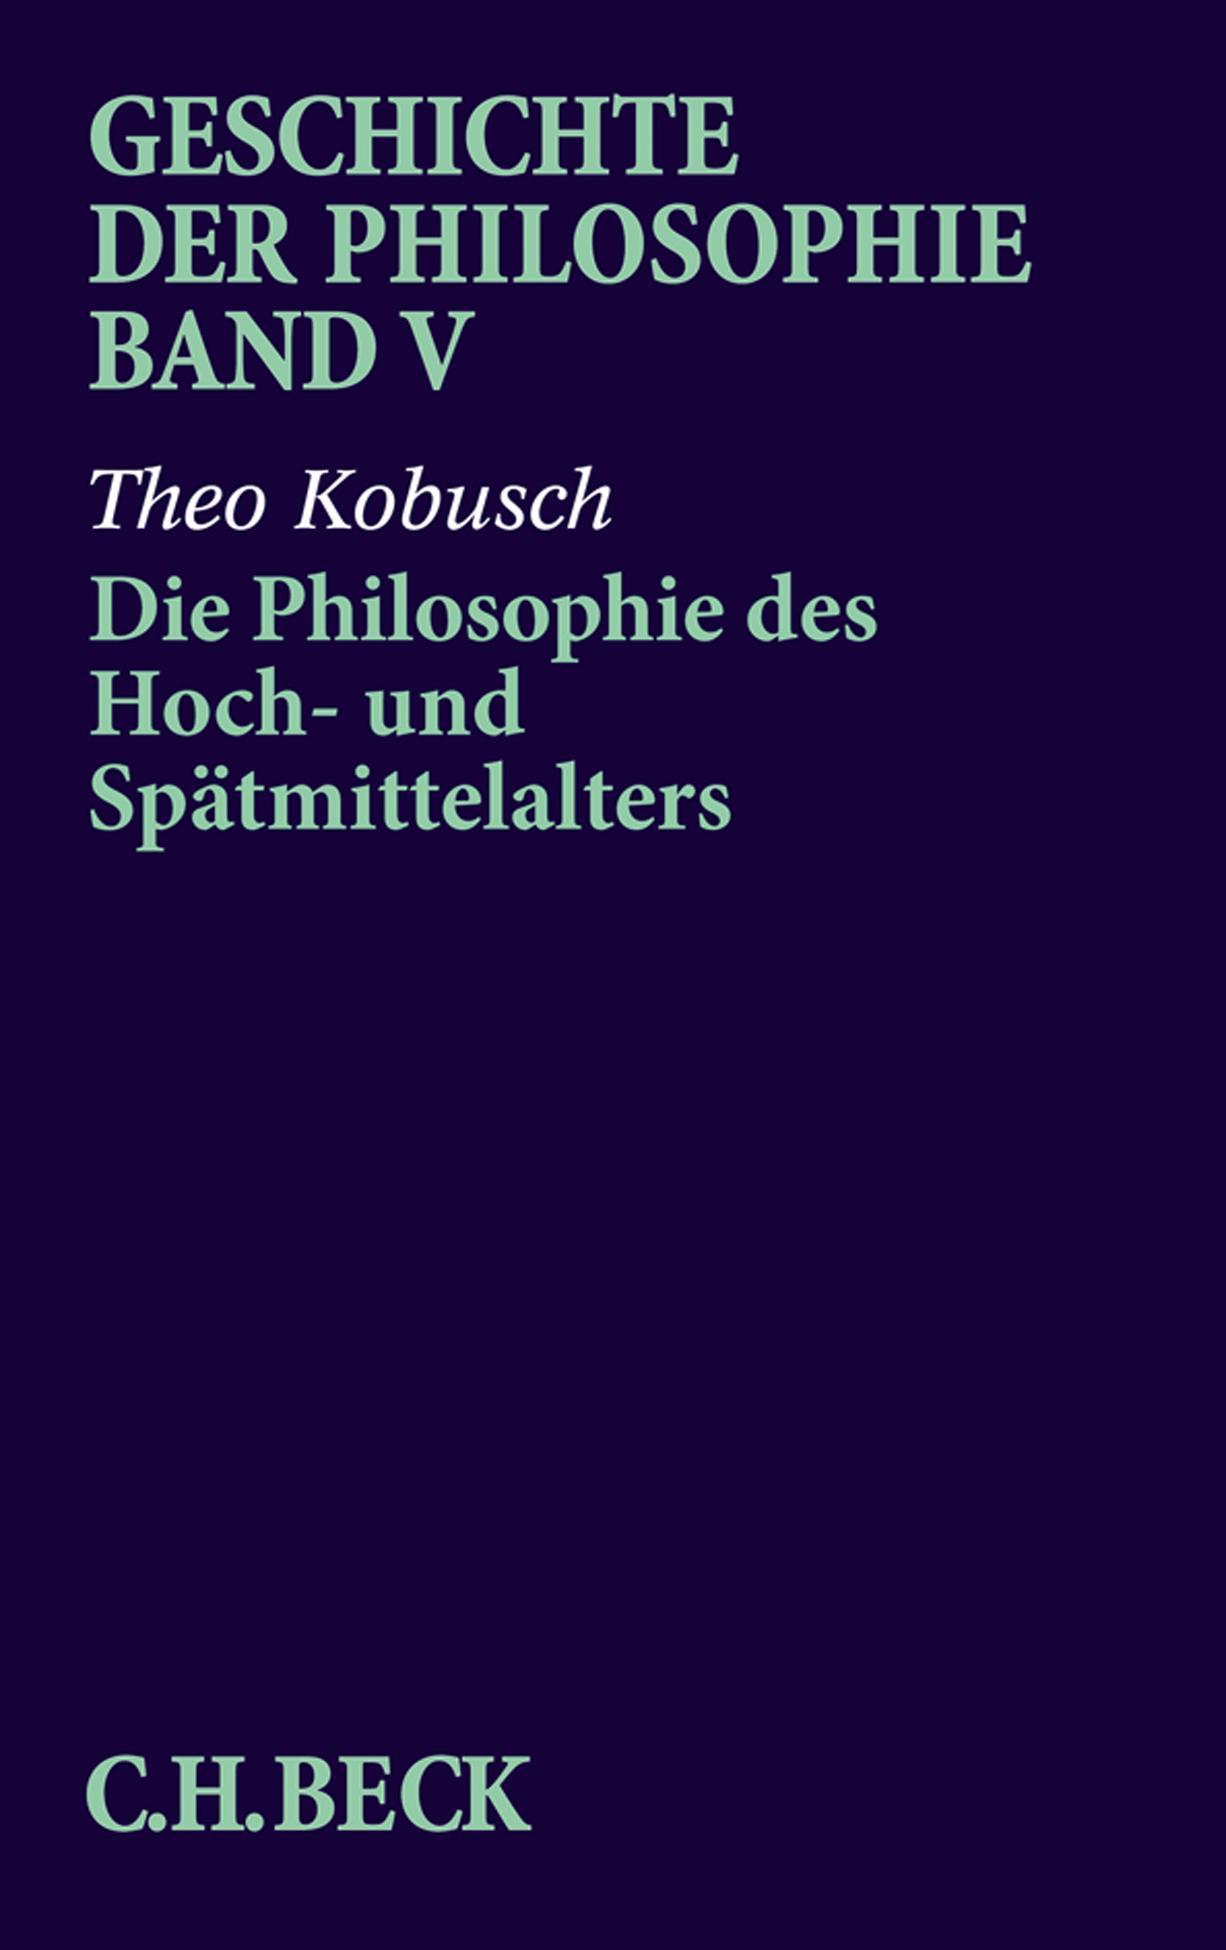 Kobusch  Theo. Die Philosophie des Hoch- und Spätmittelalters. Taschenbuc ...Neu - Theo Kobusch